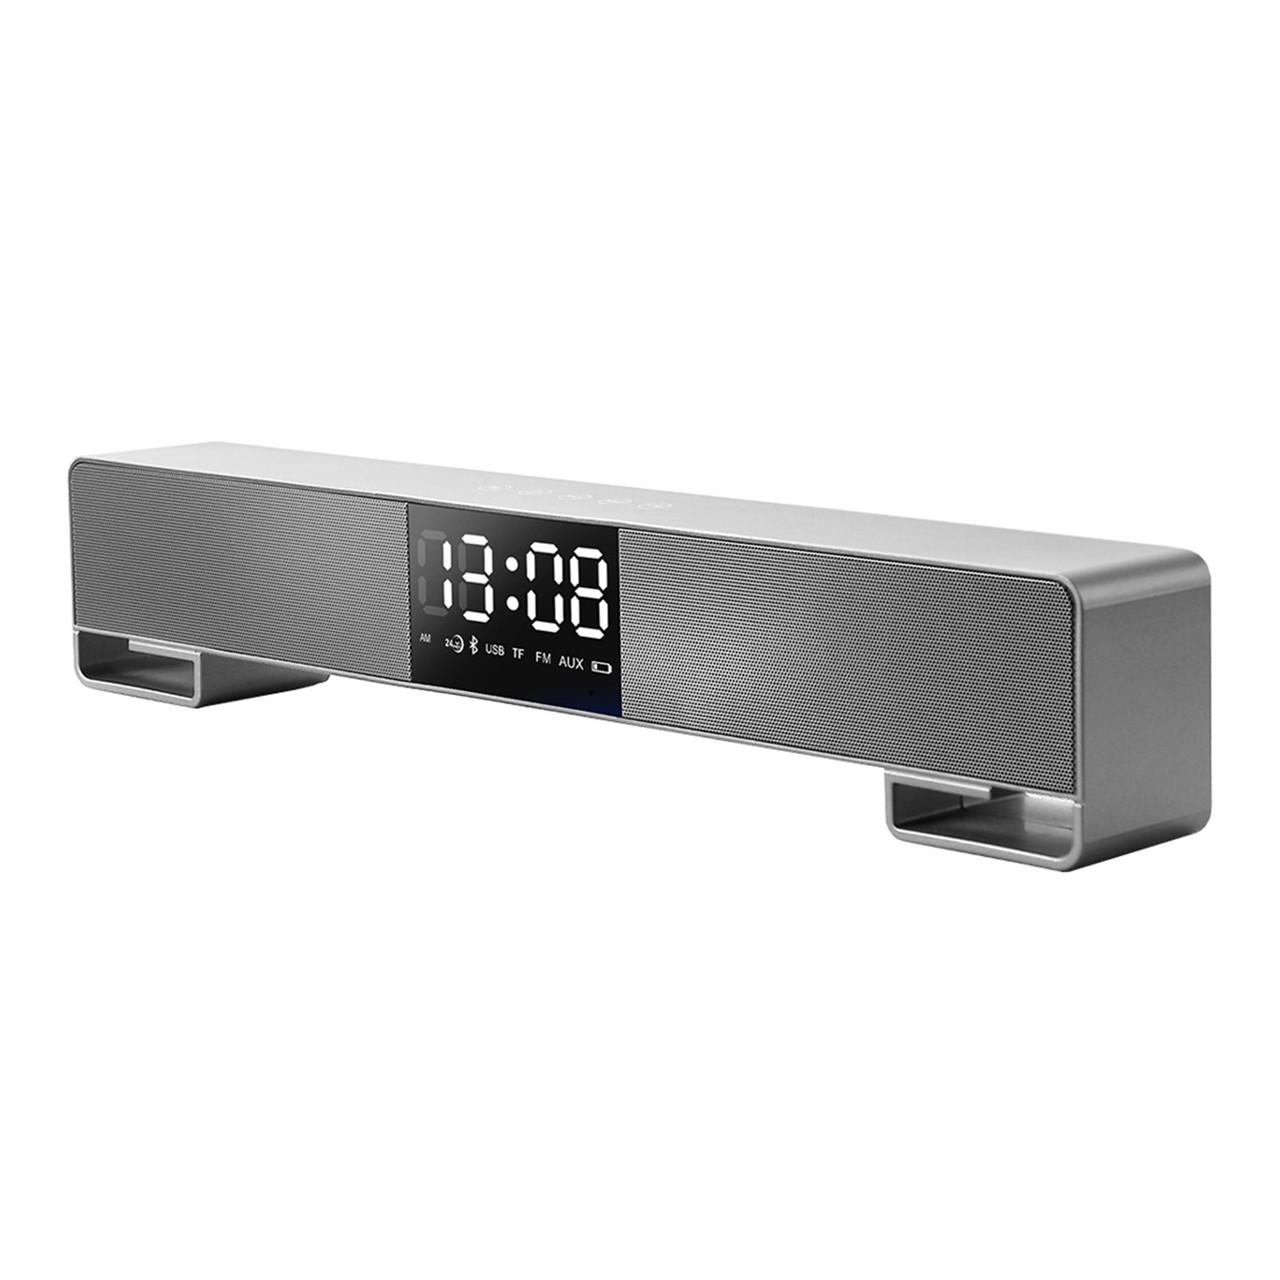 Портативная акустическая система Bluetooth Joyroom JR-M05 Desktop Clock Wireless Speakers Silver